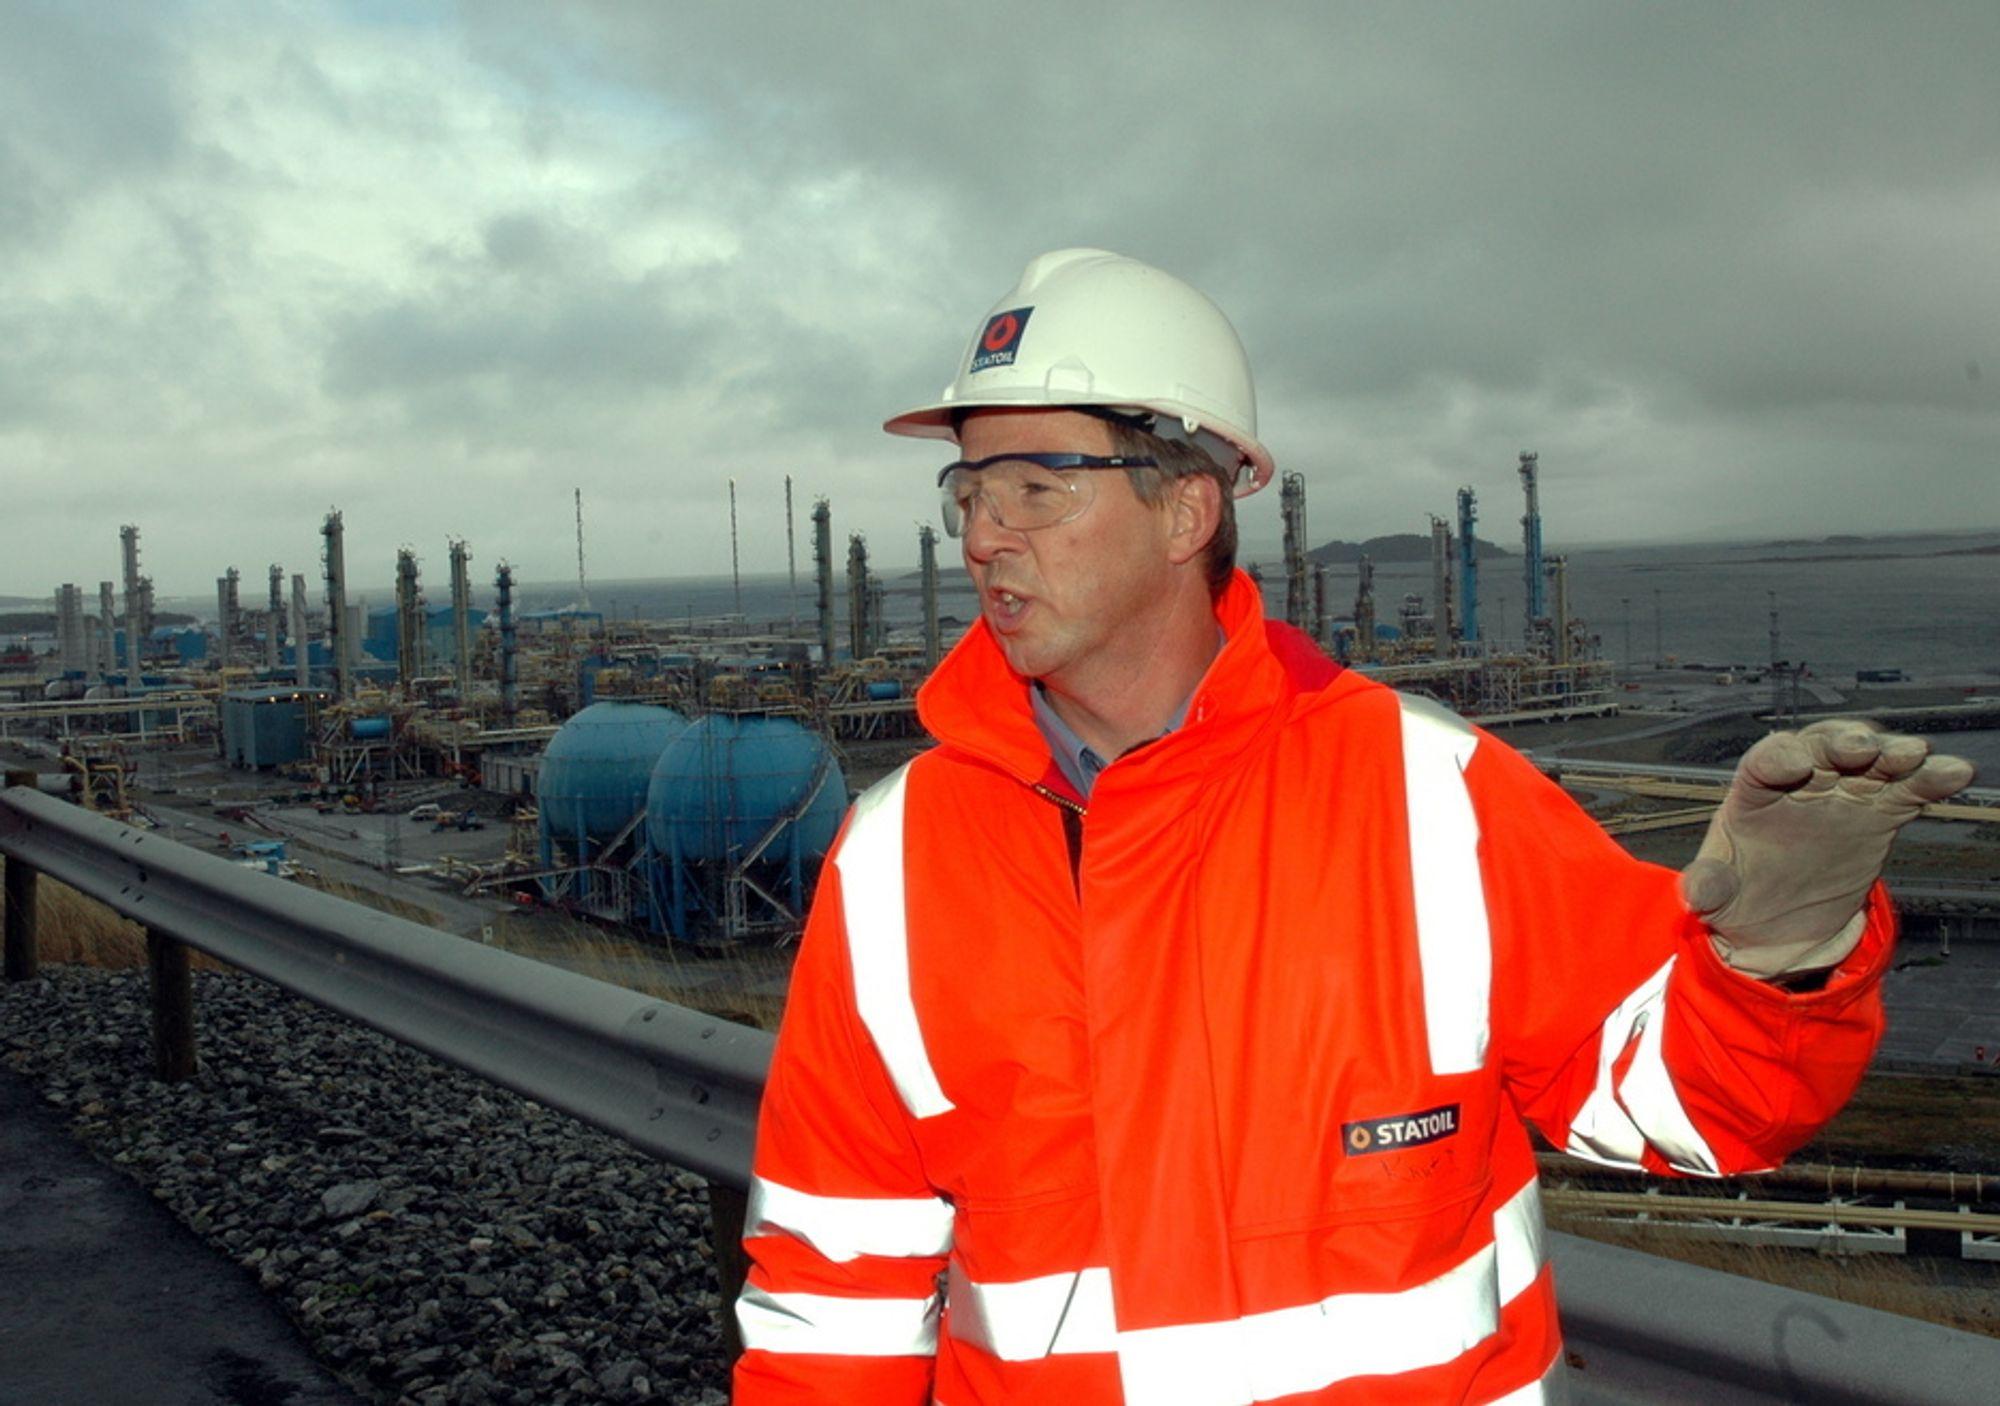 PLASS TIL MER: Knut Barland i Statoil sier det er plass til flere prosessenheter på Kårstø. I dag er rundt 900 personer sysselsatt rpå anlegget som har kostet 3/4 av Snøhvits landanlegg.